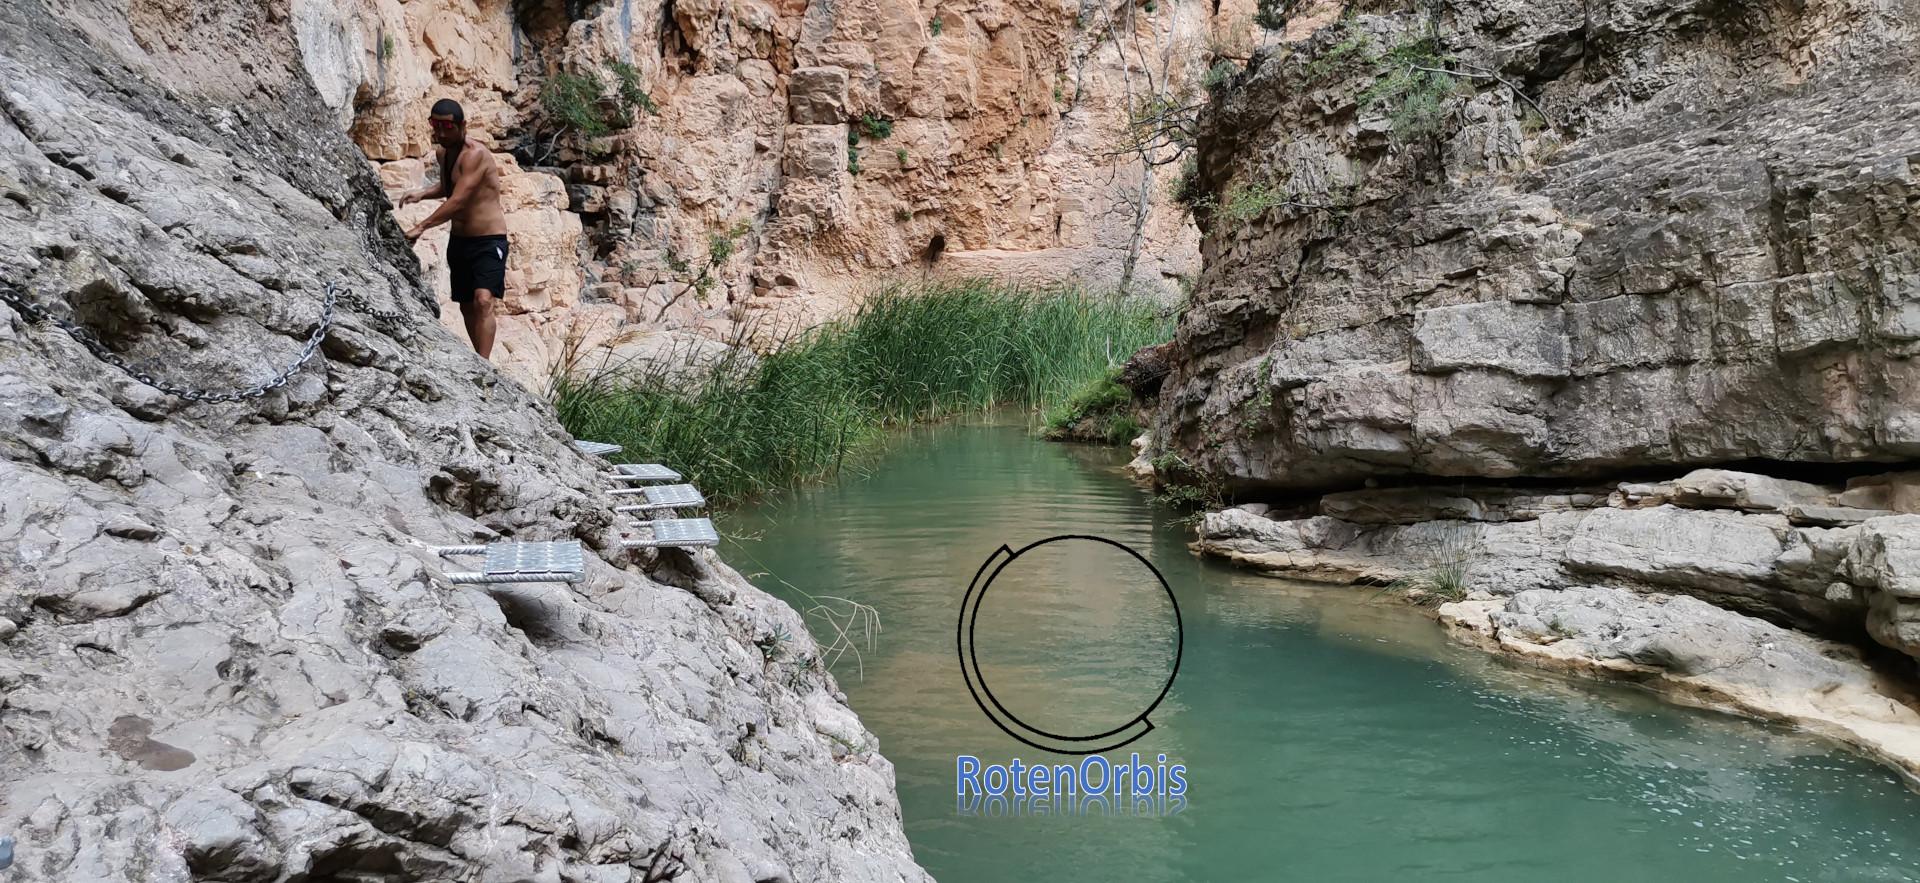 Poza de agua con peldaños para pasar